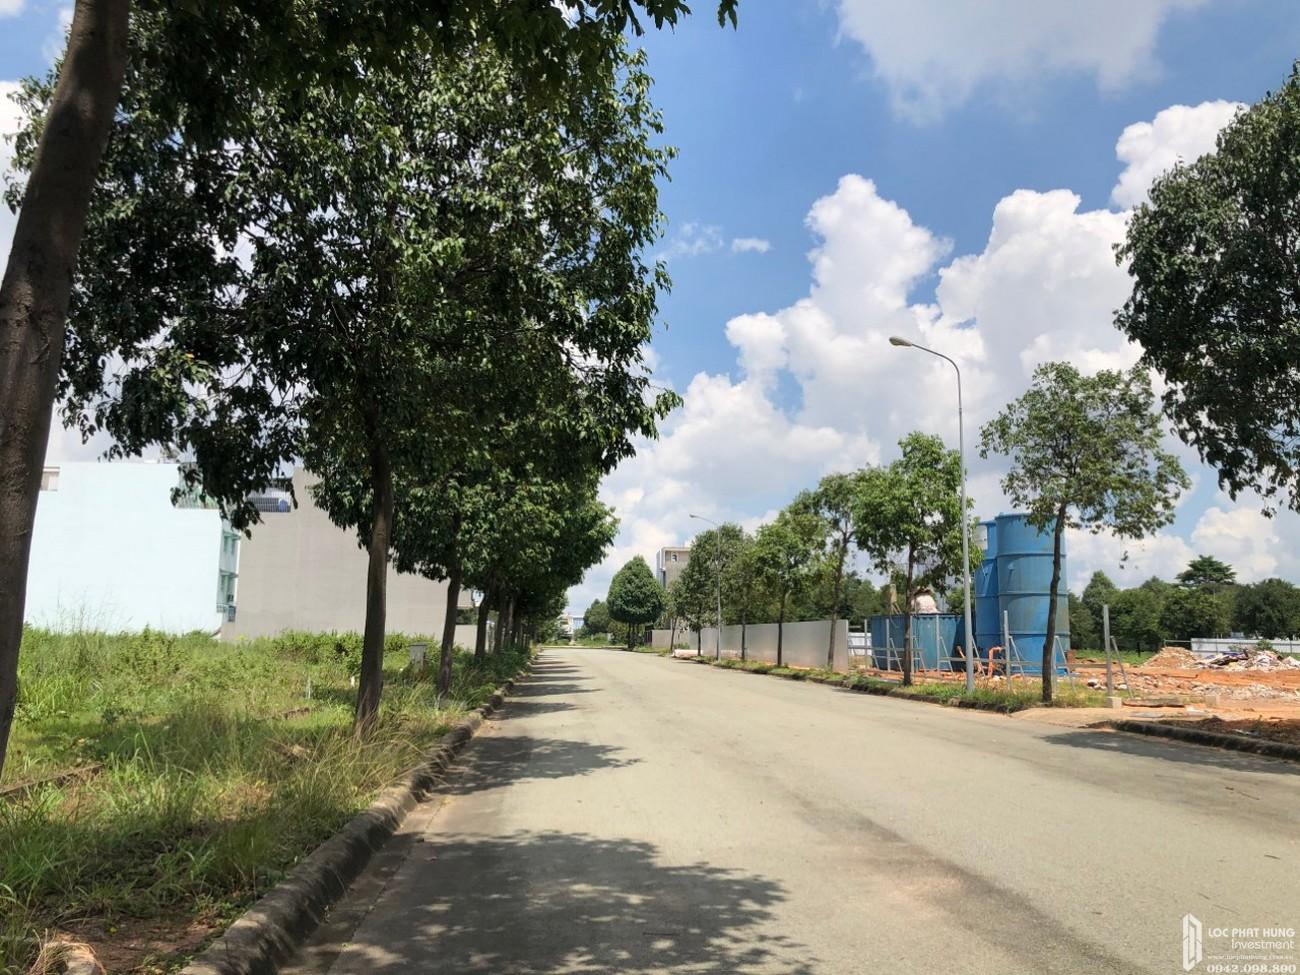 Tiến độ dự án căn hộ chung cư LDG Sky Bình Dương chủ đầu tư LDG Group